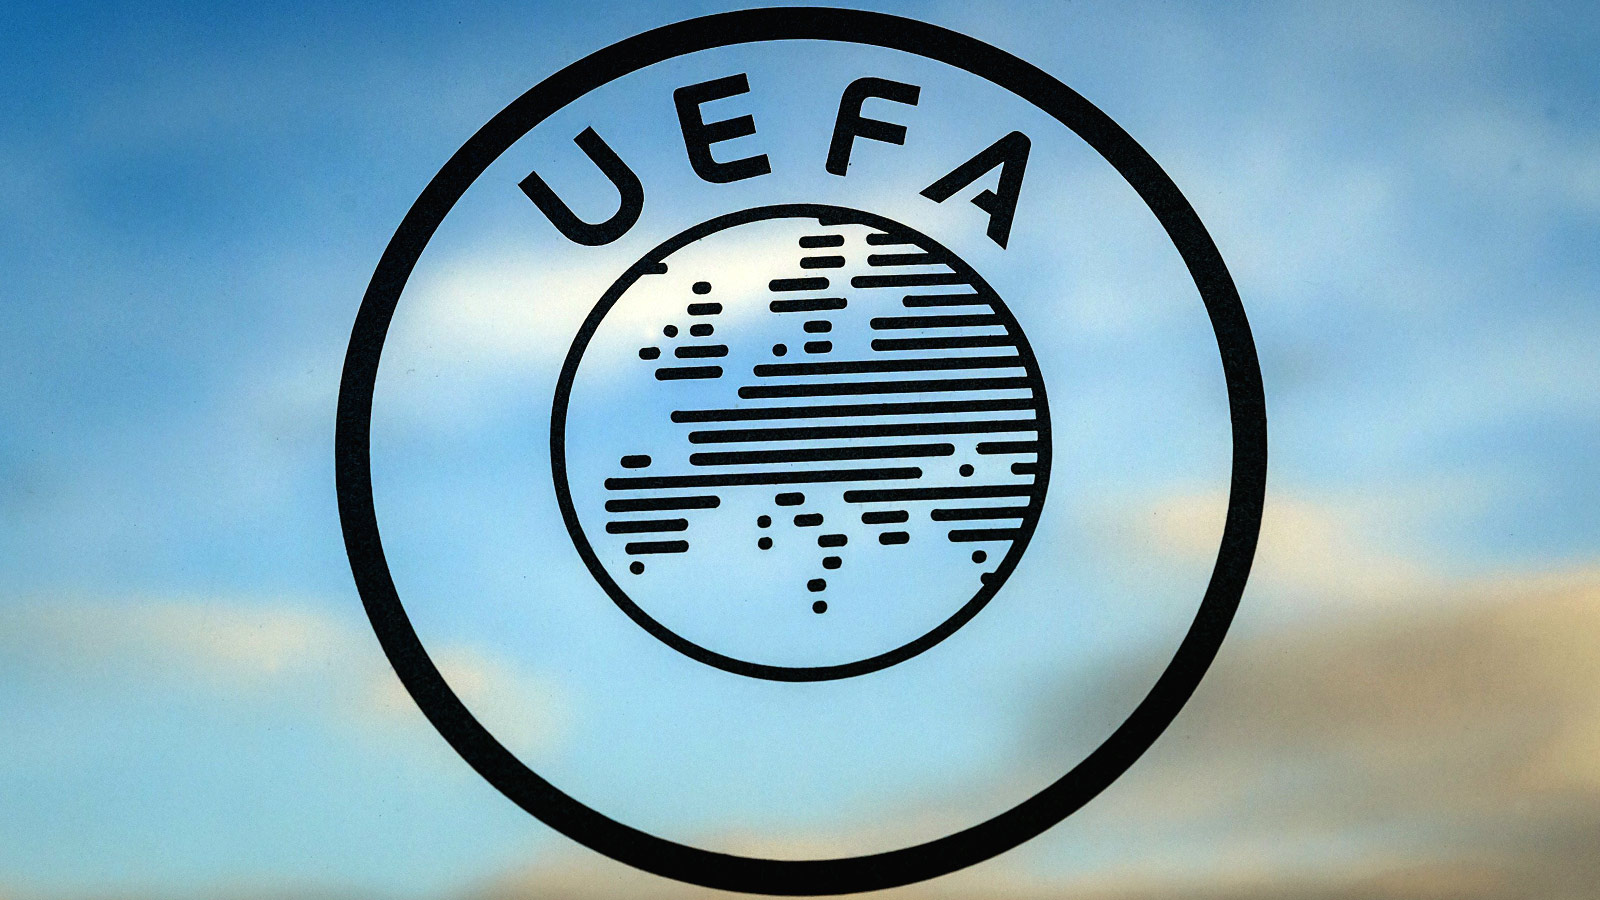 033115-Soccer-UEFA-football-Logo-PI-JE-